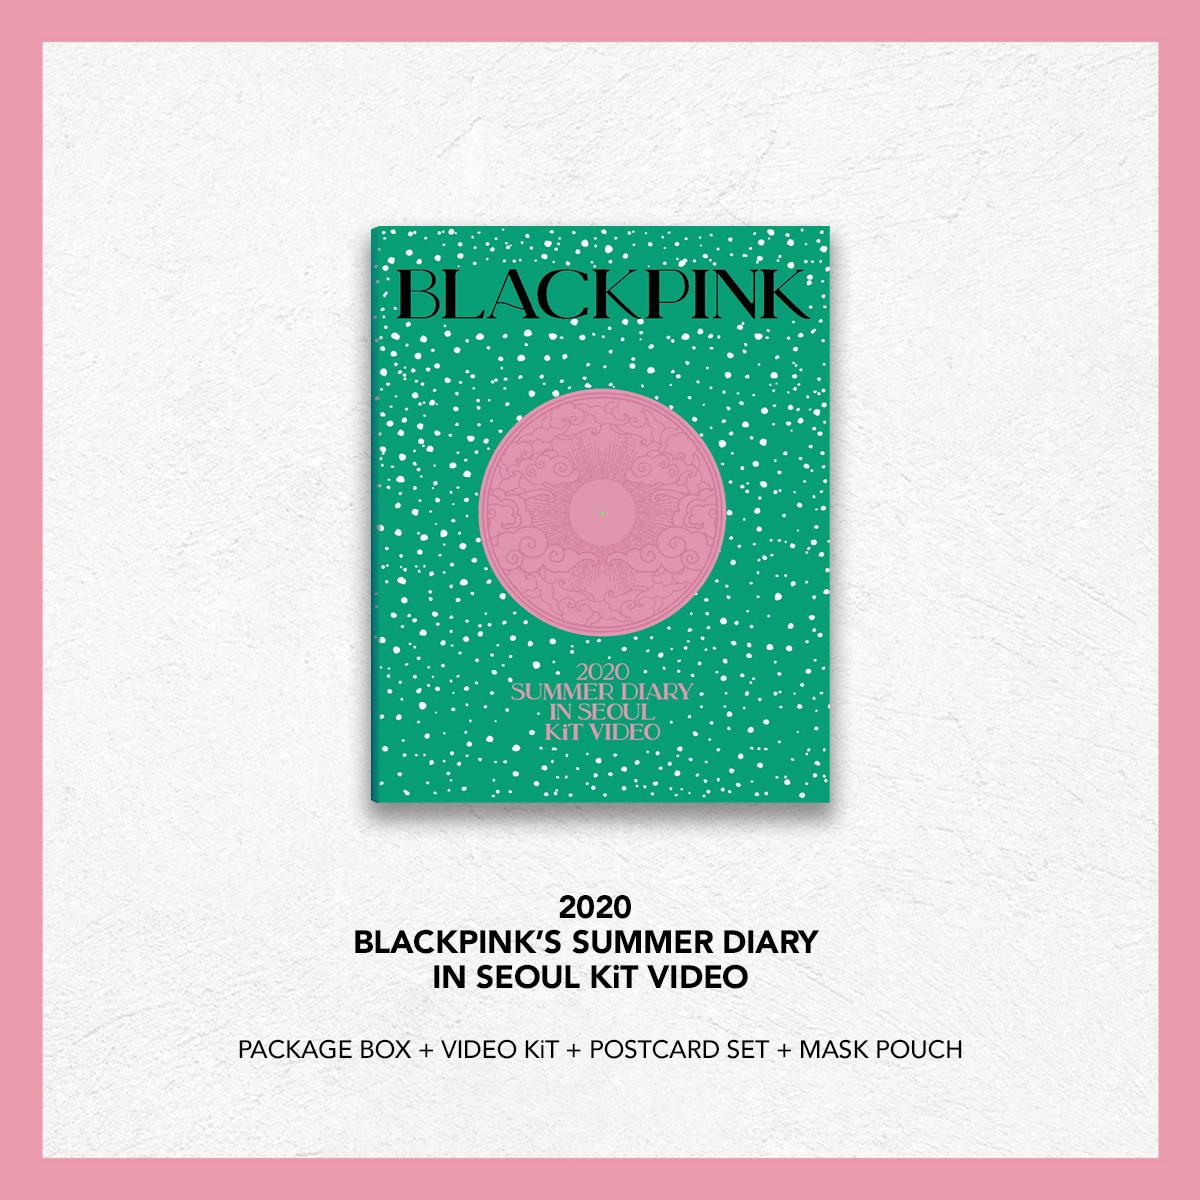 블랙핑크 - 2020 BLACKPINK'S SUMMER DIARY IN SEOUL [키트 비디오]